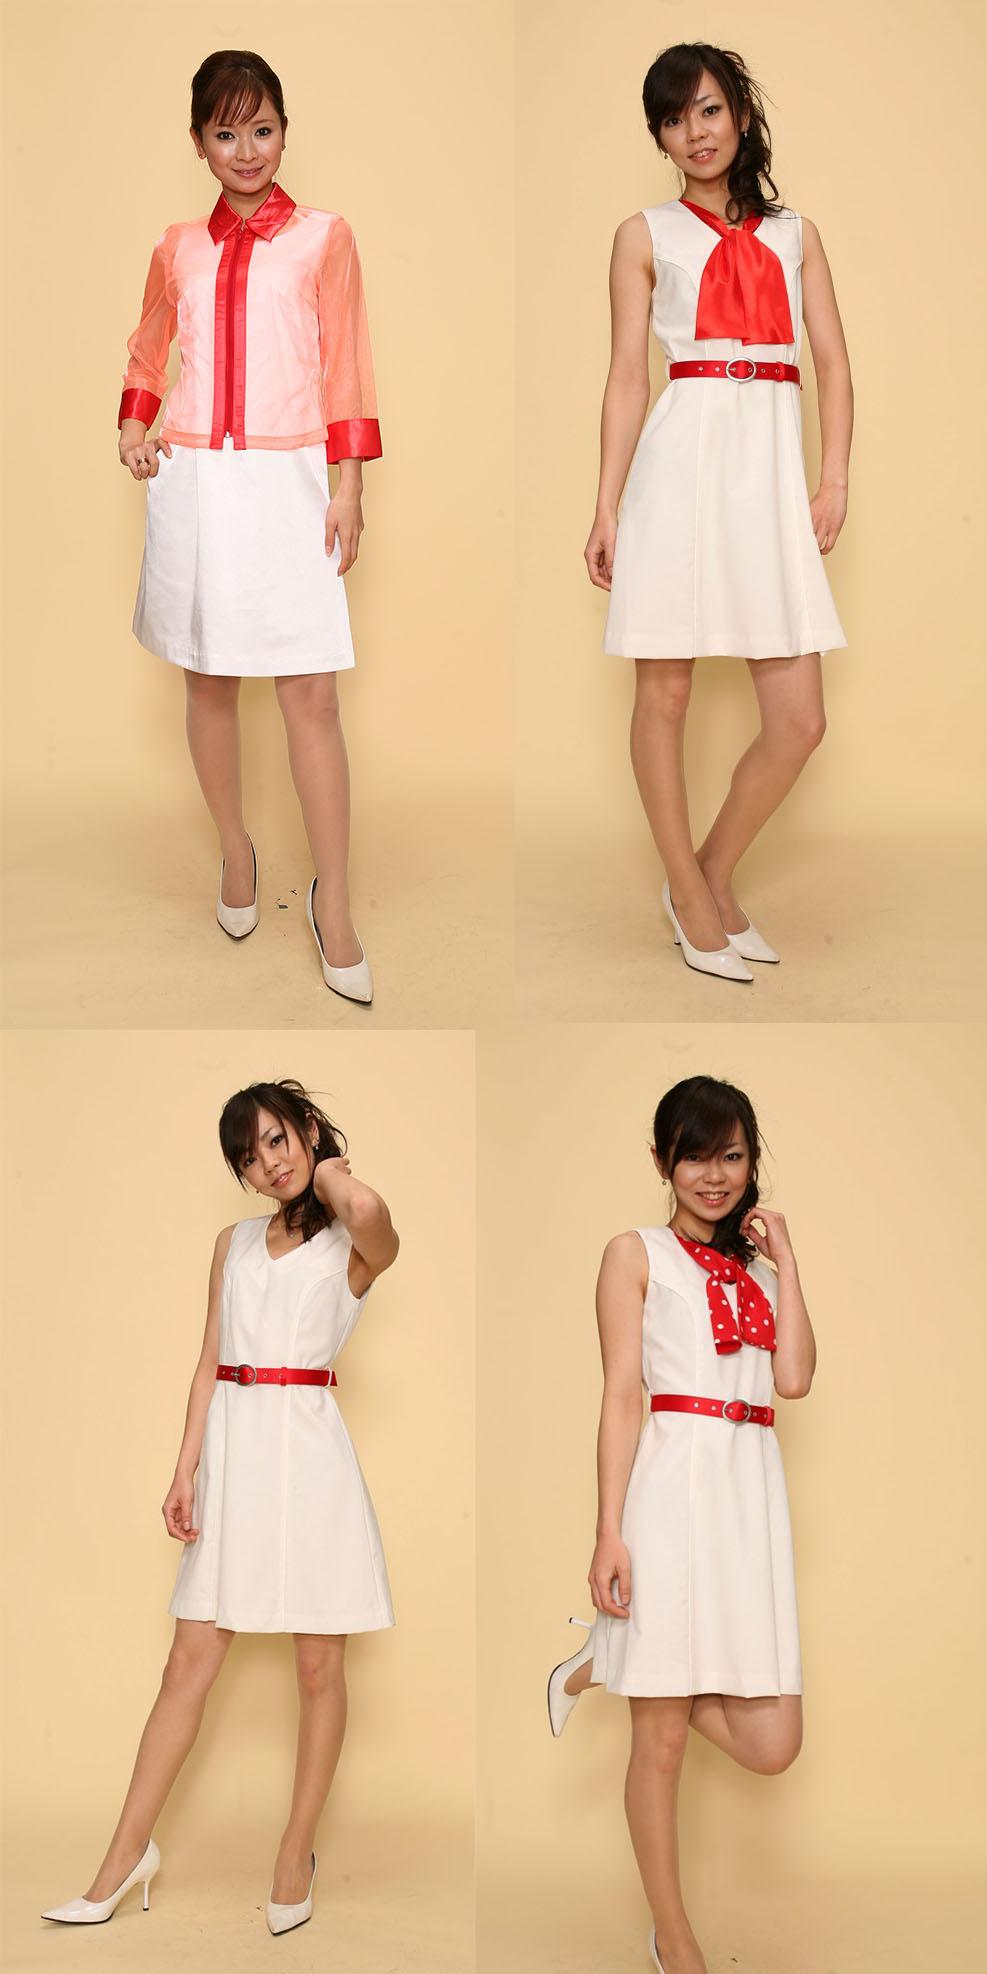 【3日間以上】コスチューム:赤×白